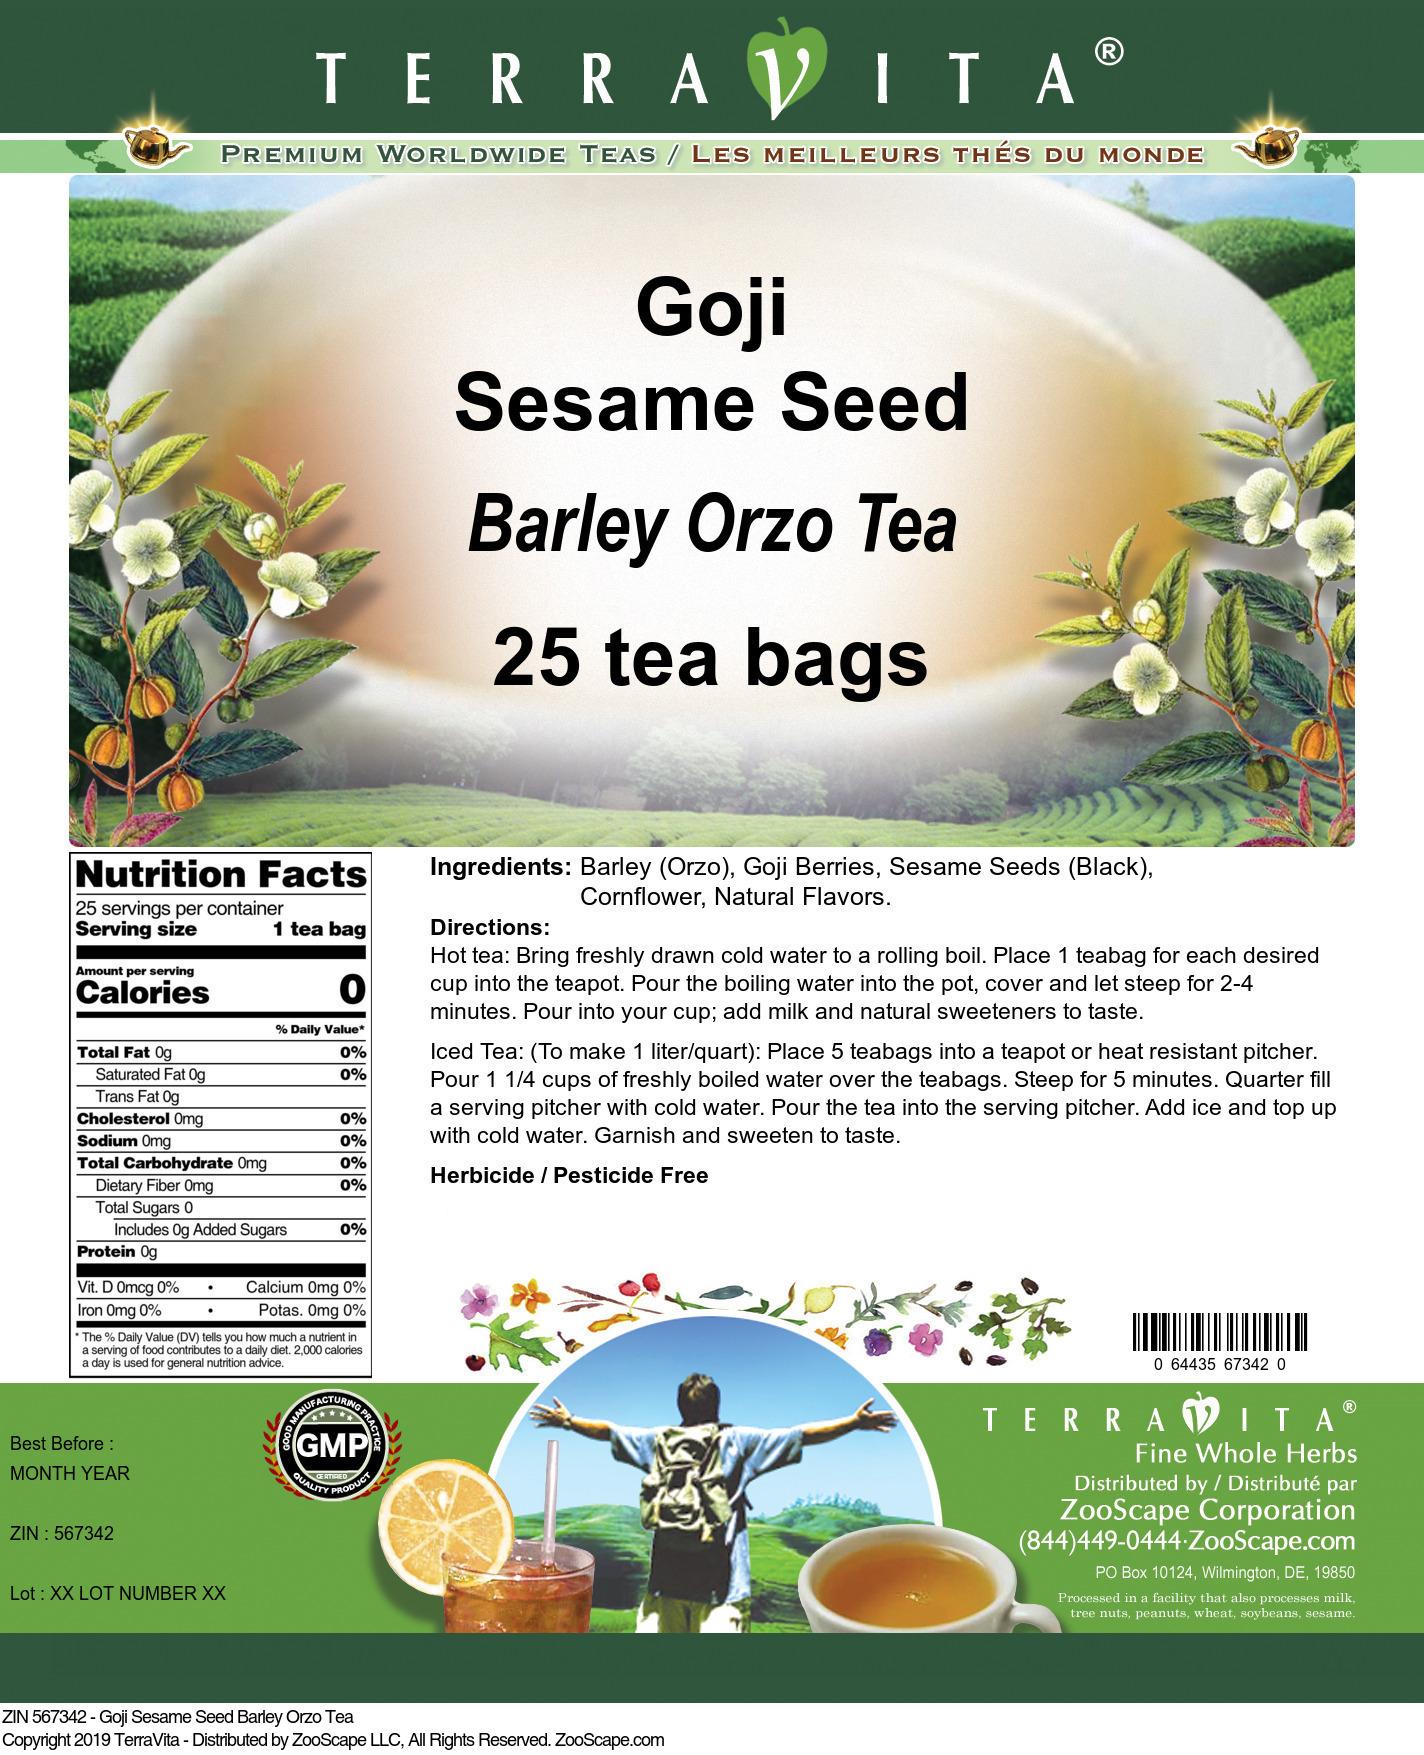 Goji Sesame Seed Barley Orzo Tea